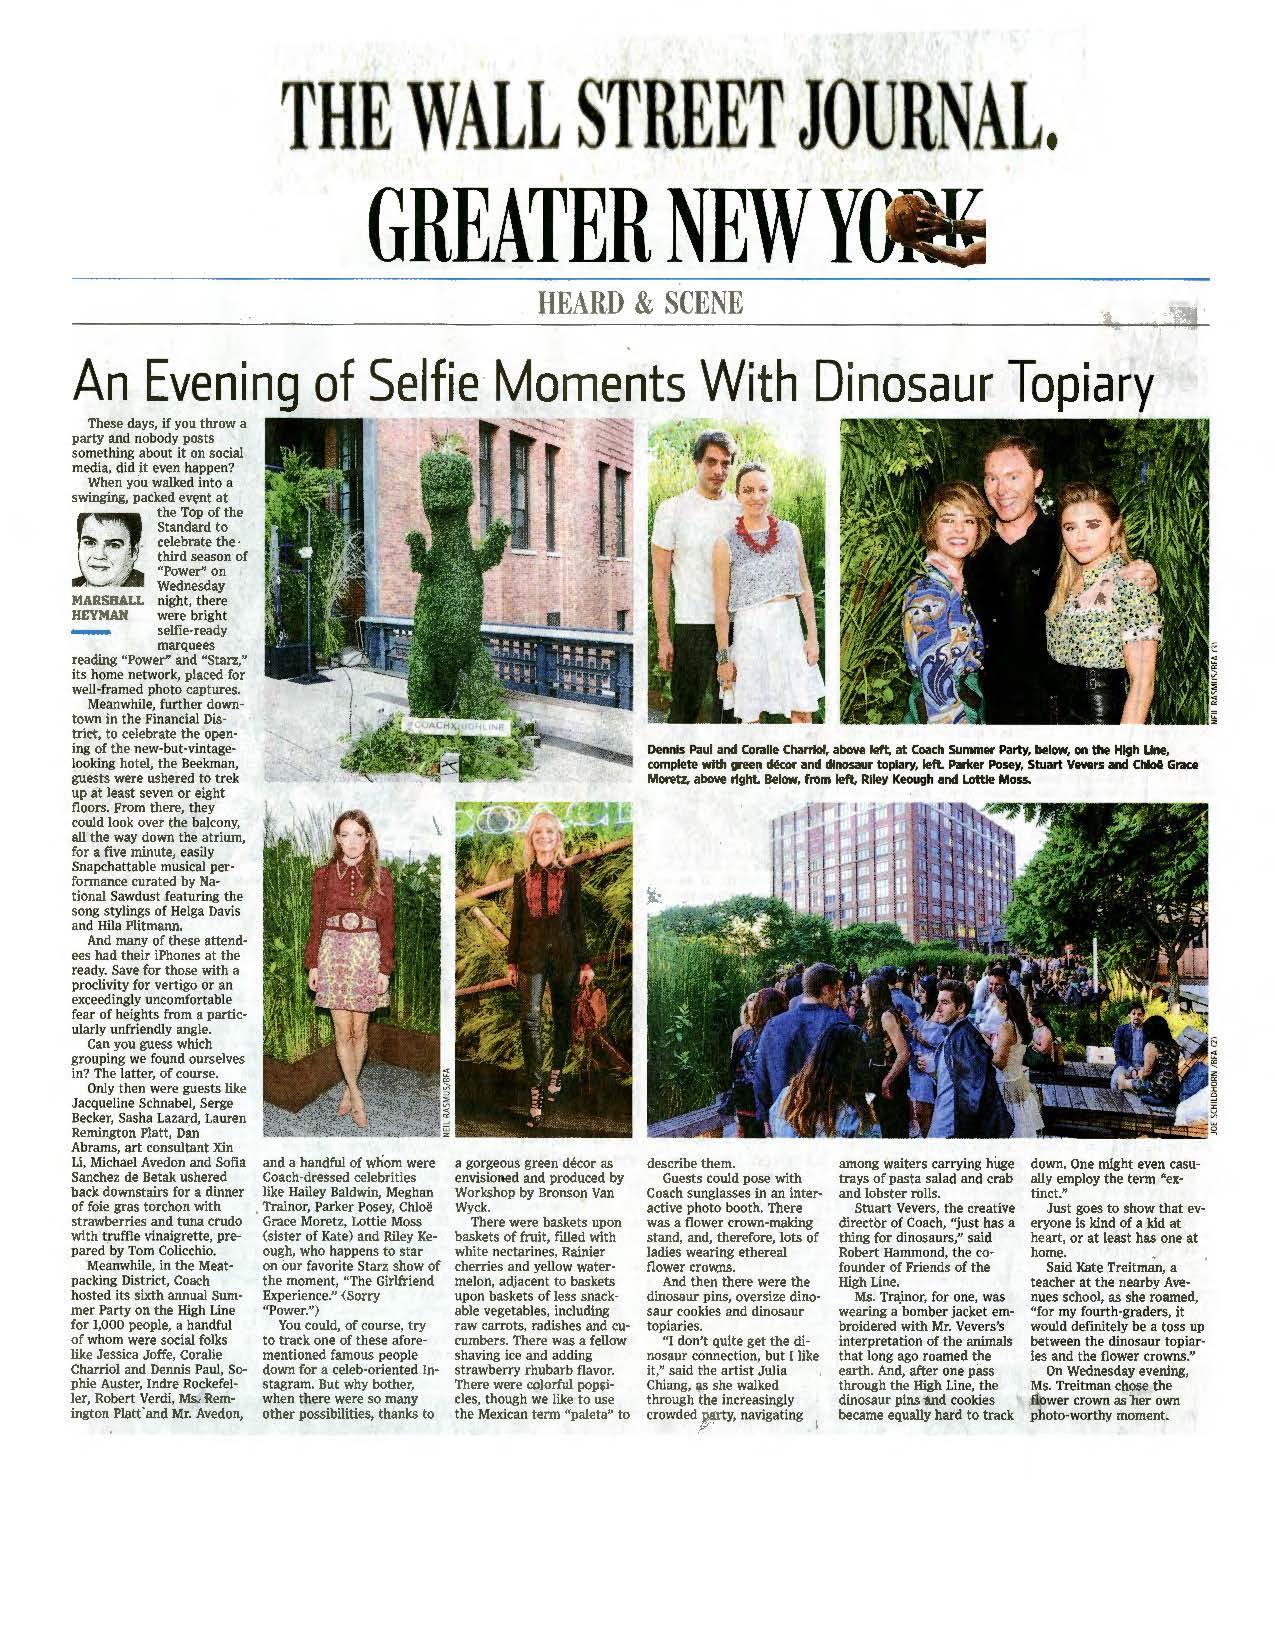 Wall Street Journal - Coach High Line - 6.24.16.jpg